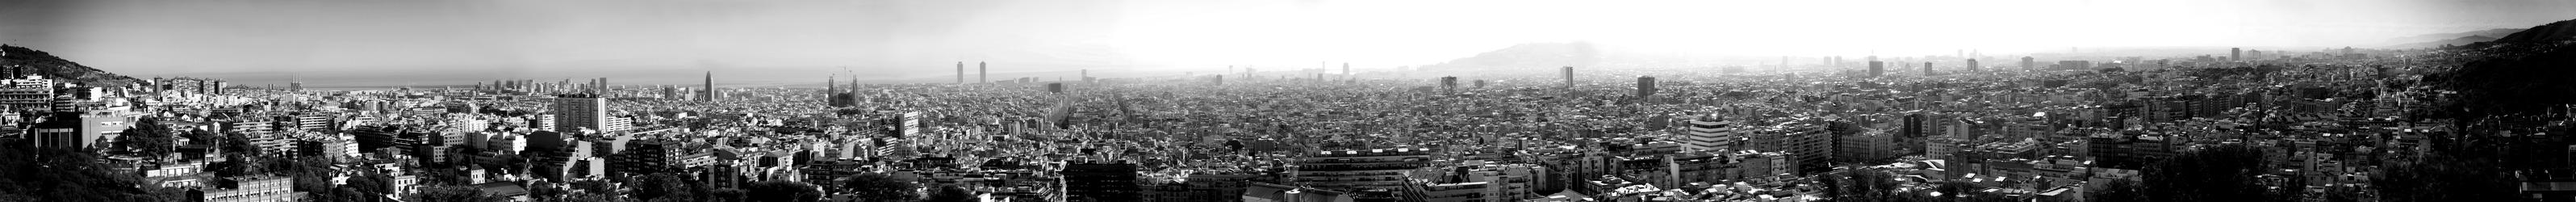 Barcelona Bestial by spwam